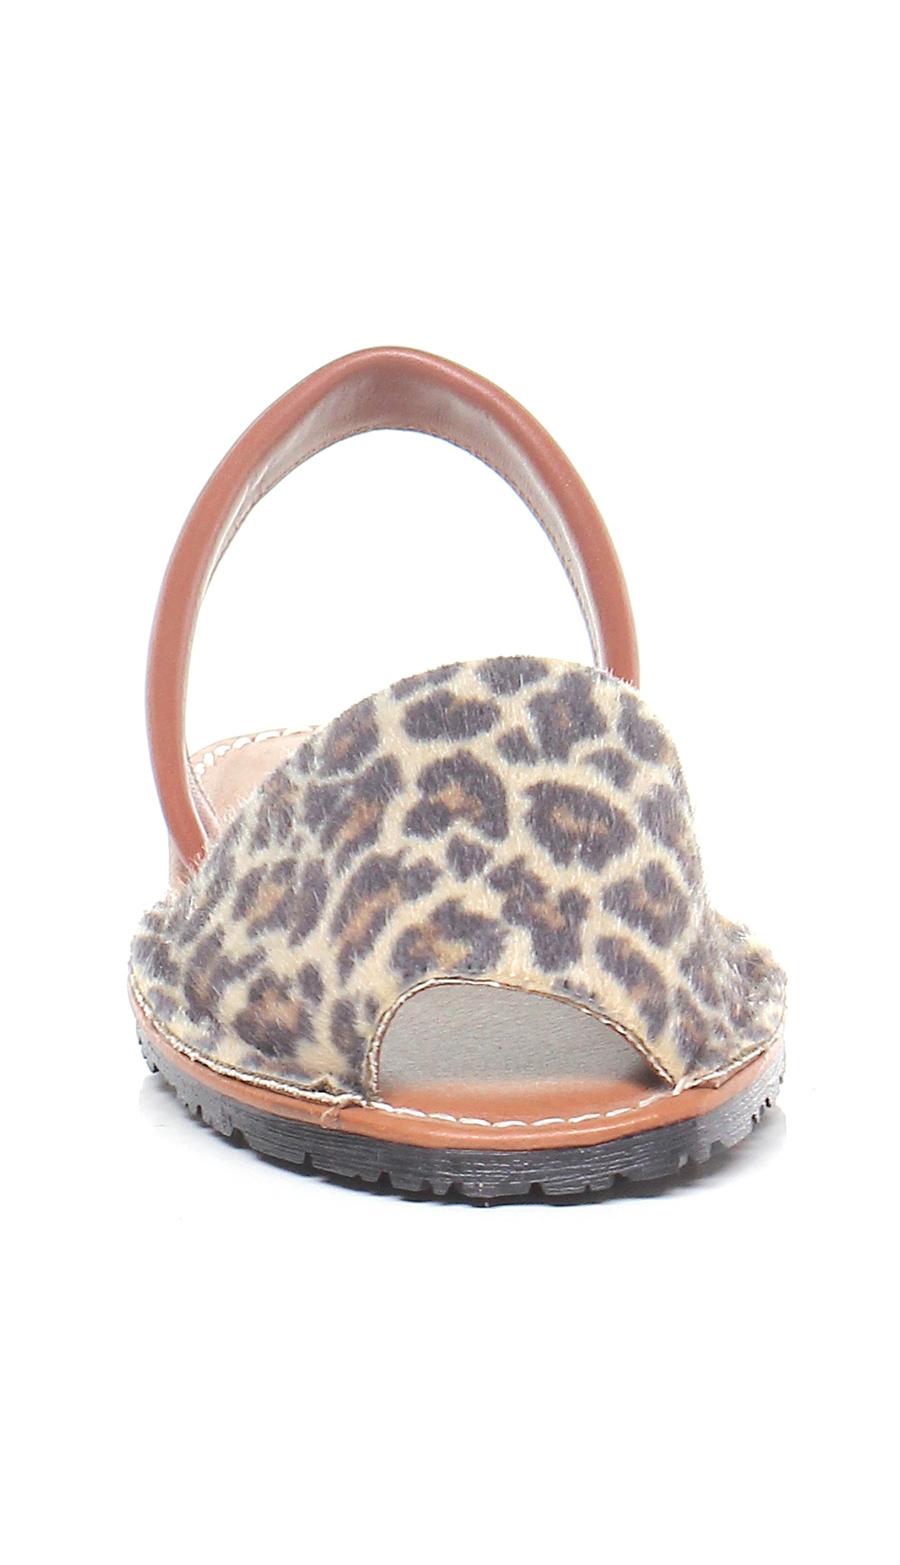 Sandalo basso  Ortuno Mattone/leopard Avarca by C. Ortuno  2f8731